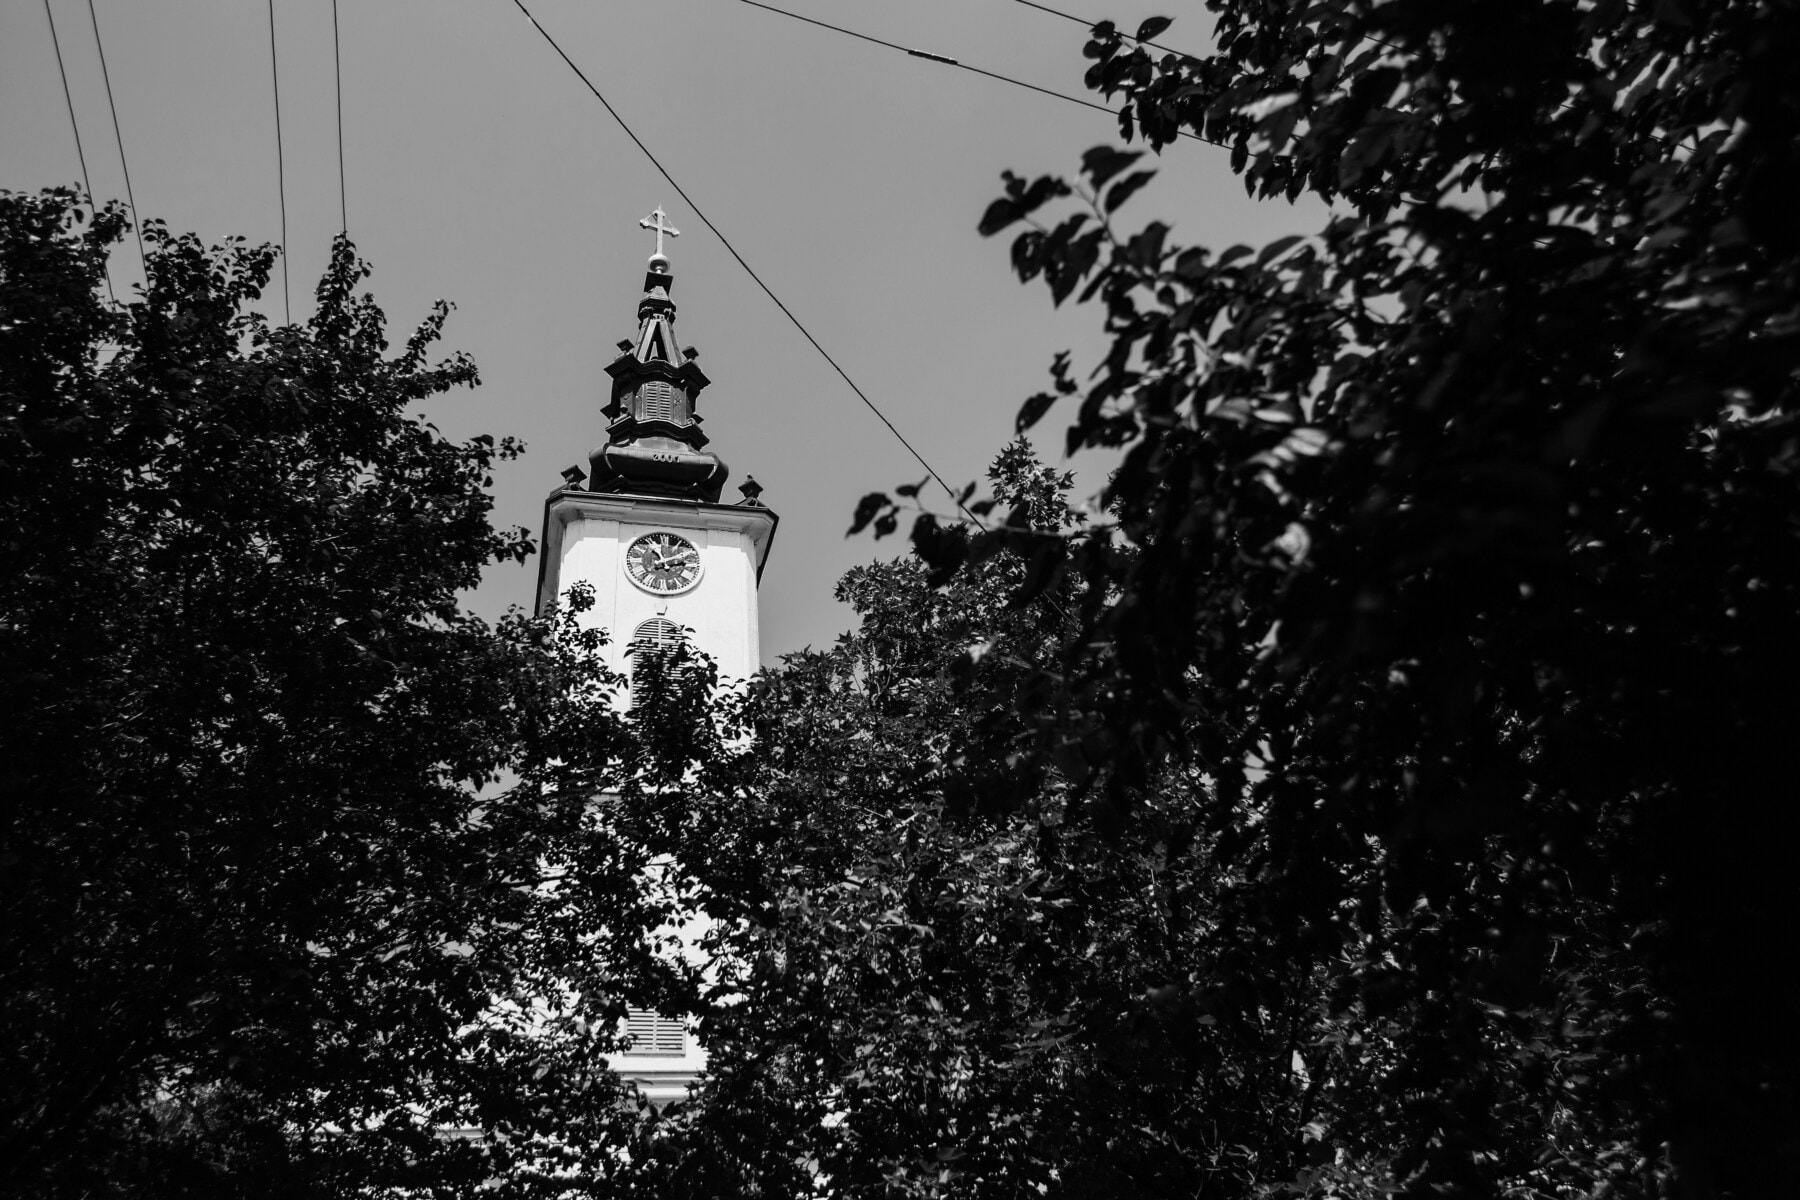 crkveni toranj, stabla, grane, arhitektura, religija, toranj, crkva, zgrada, crno-bijelo, silueta